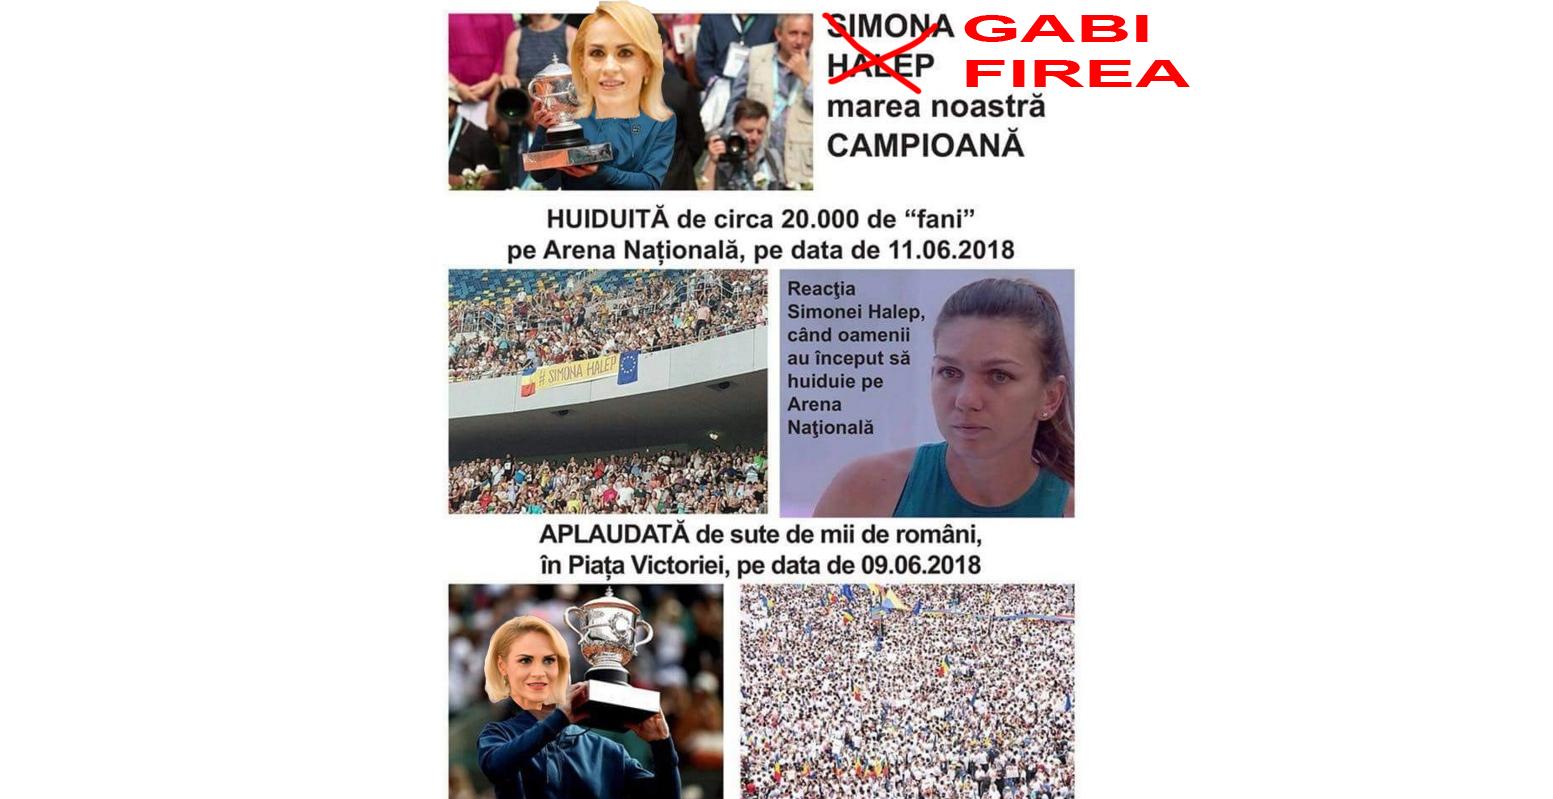 """PSD Caracal: """"Gabi Firea, câștigtoarea Roland Garros, huduită de Simona Halep pe Arena Națională!"""""""